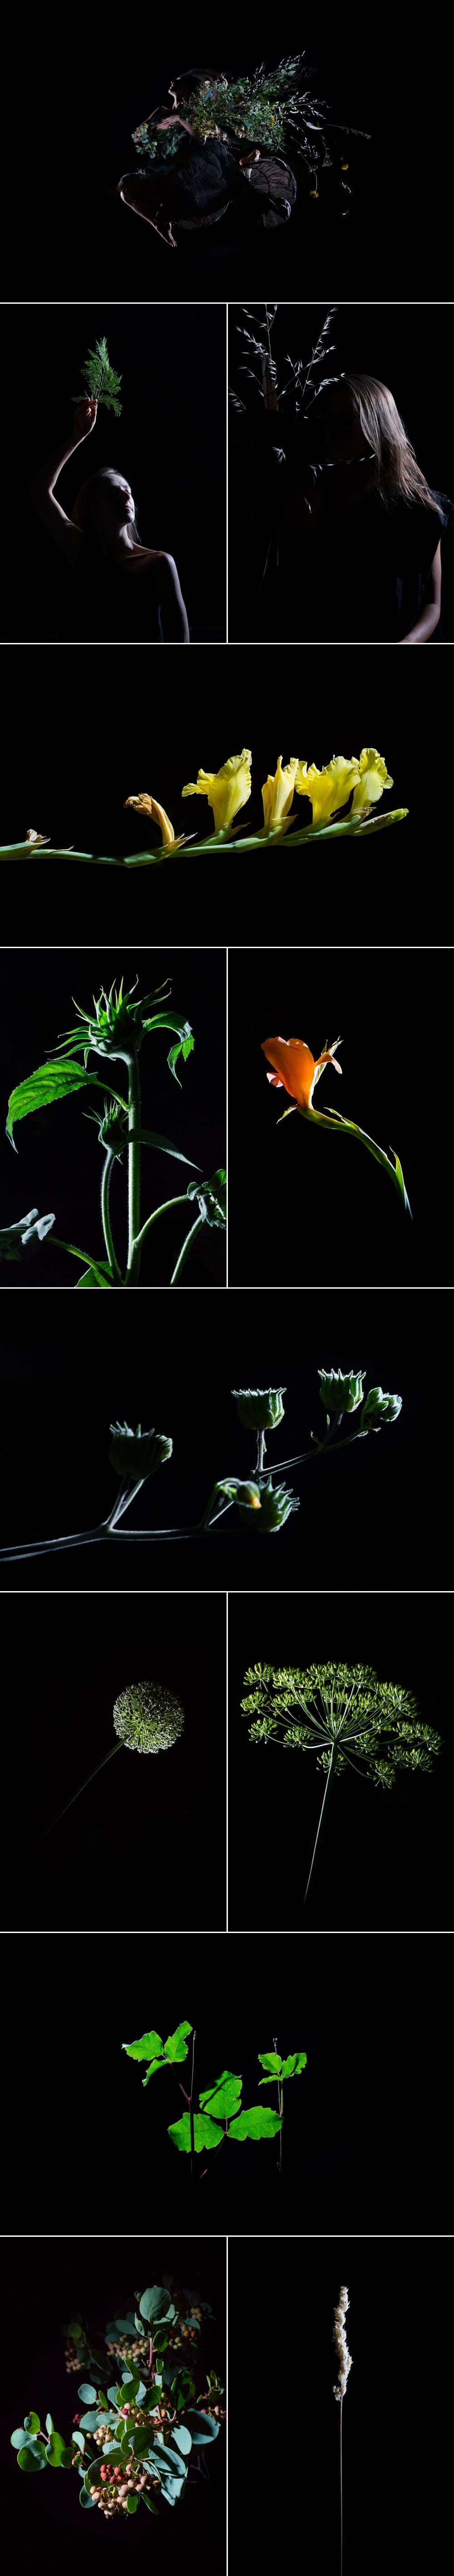 Blog- Ayla Code of the Flowers.jpg